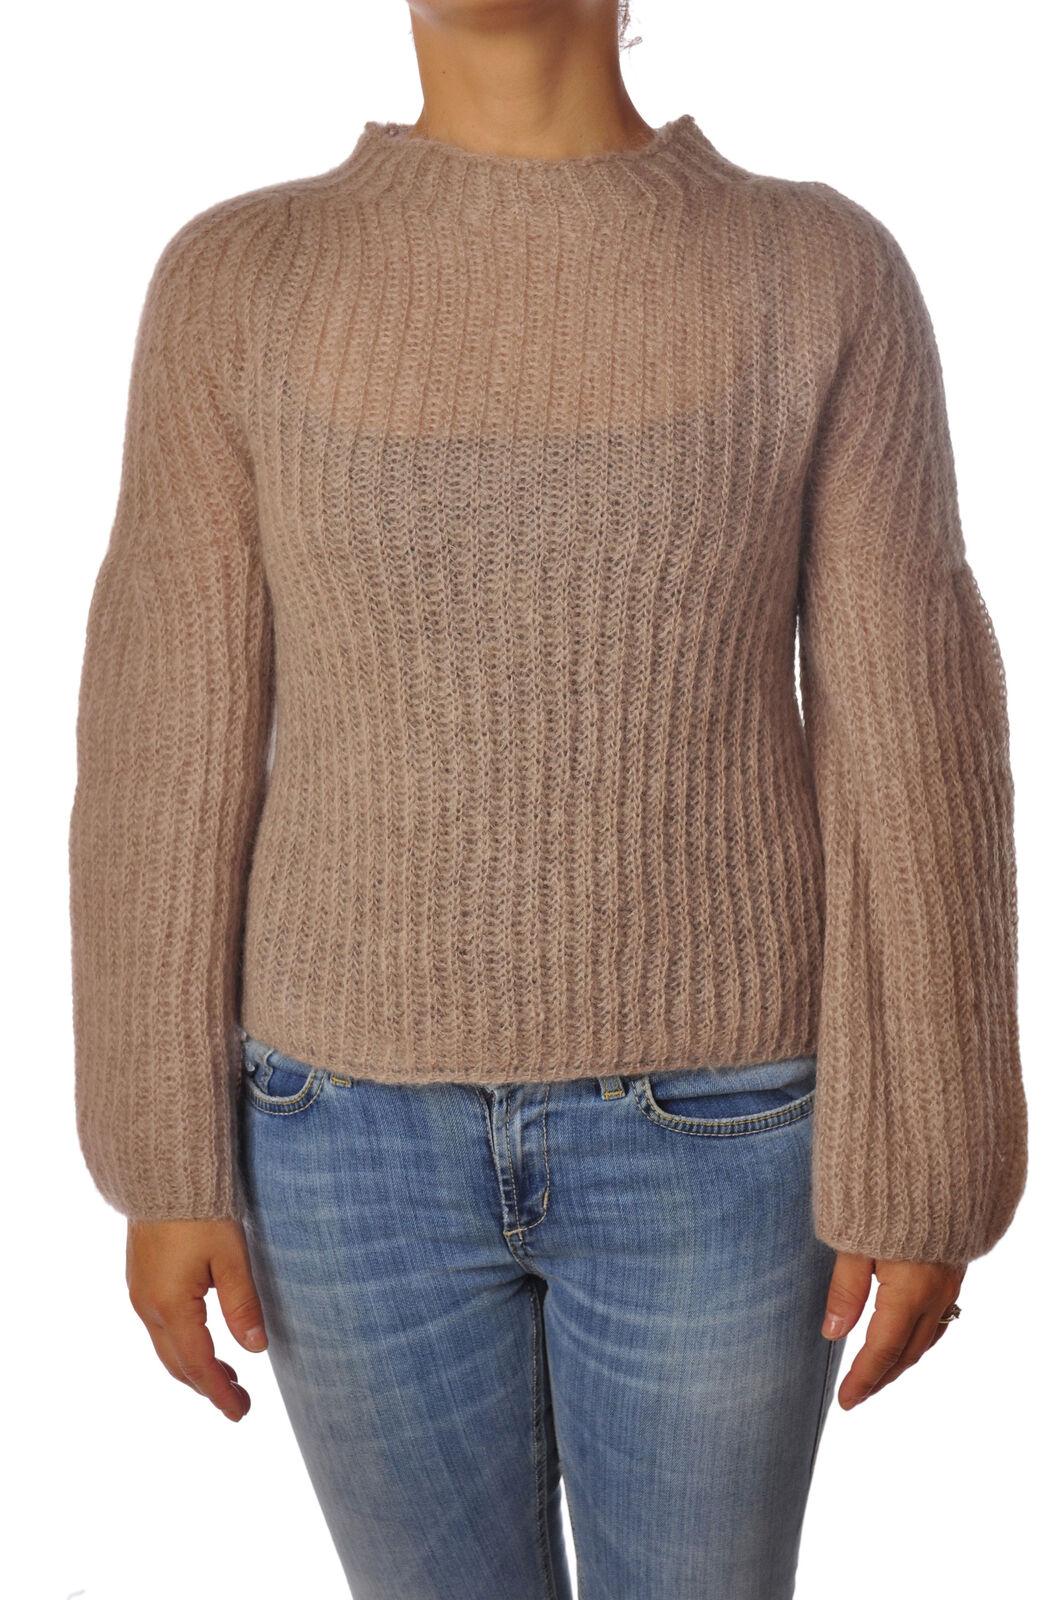 Rosa Memories - Knitwear-Sweaters - Woman - Beige - 3934808E191255